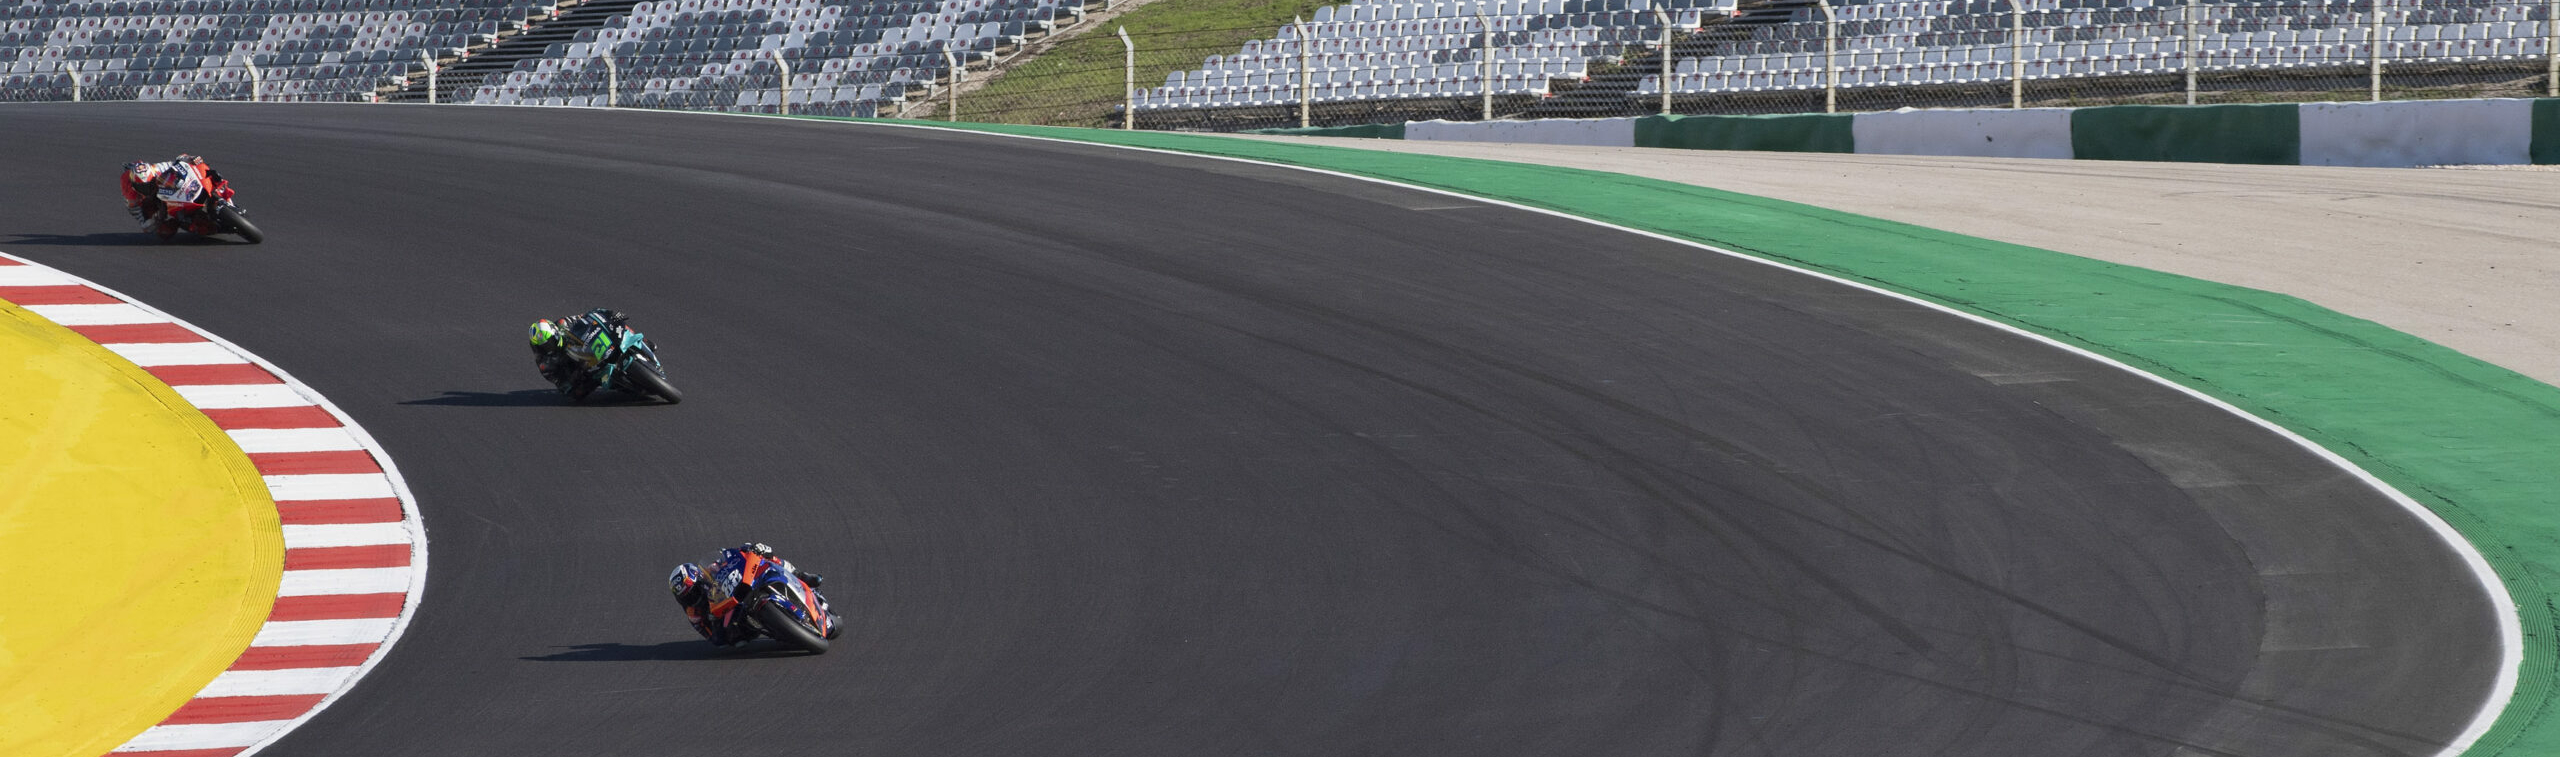 GP Qatar: la MotoGP riparte con tante novità e il ritorno ritardato di Marquez